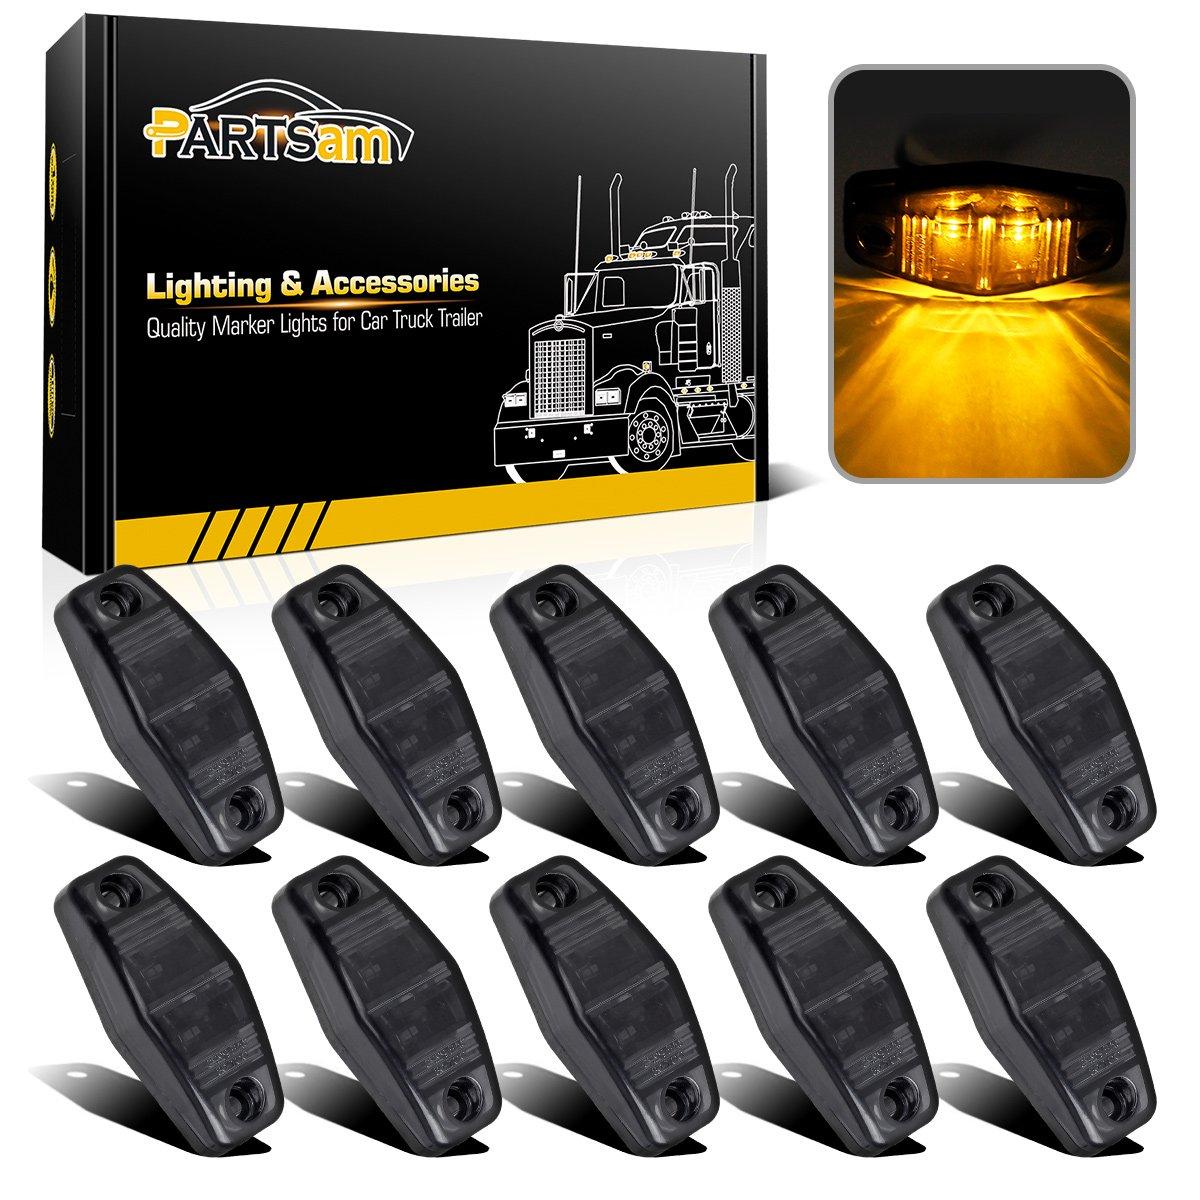 Partsam 10pcs 2.5'' Mini Oval Amber Led Side Marker Clearance Trailer Lights 2 Diodes Smoke Lens Fender Mount Lights Identification Lights Waterproof 12V Sealed Surface Mount (2.05''x1.06'')